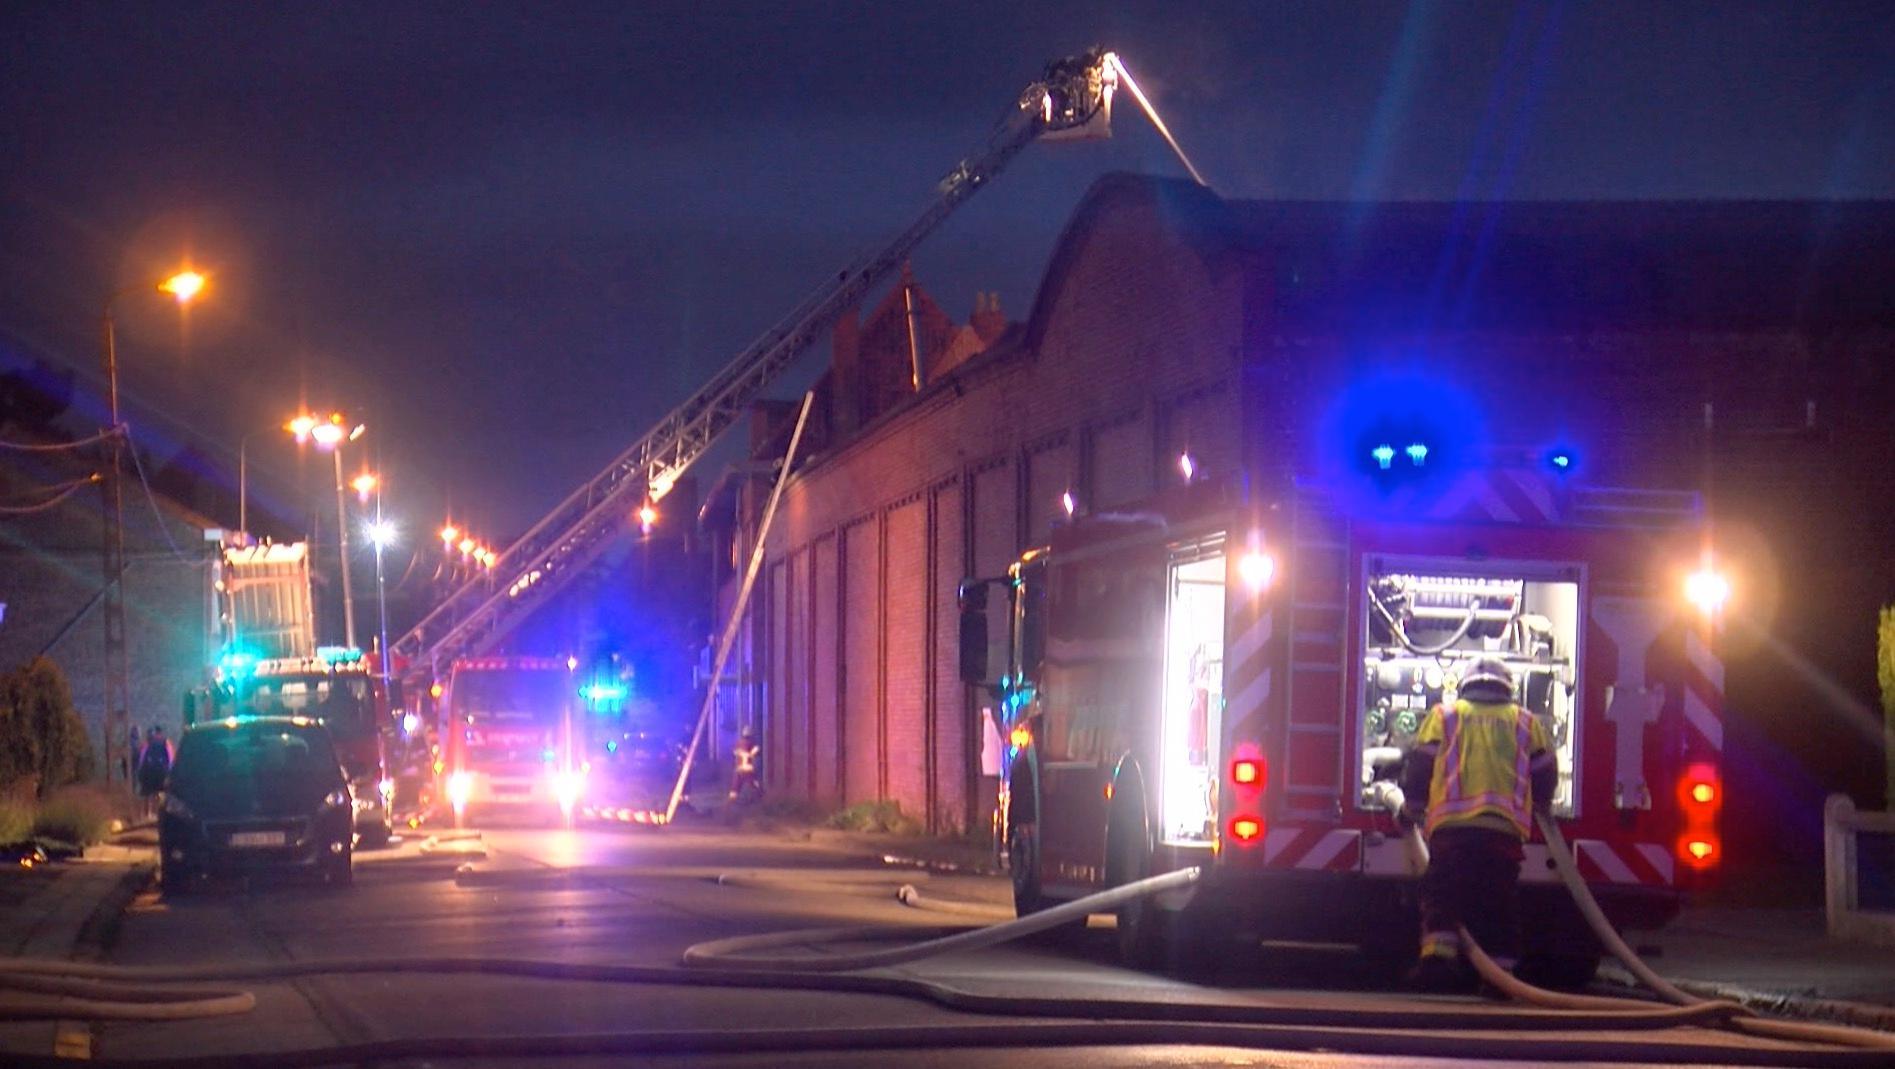 Incendie dans une usine désaffectée dans le quartier du Nouveau-Monde